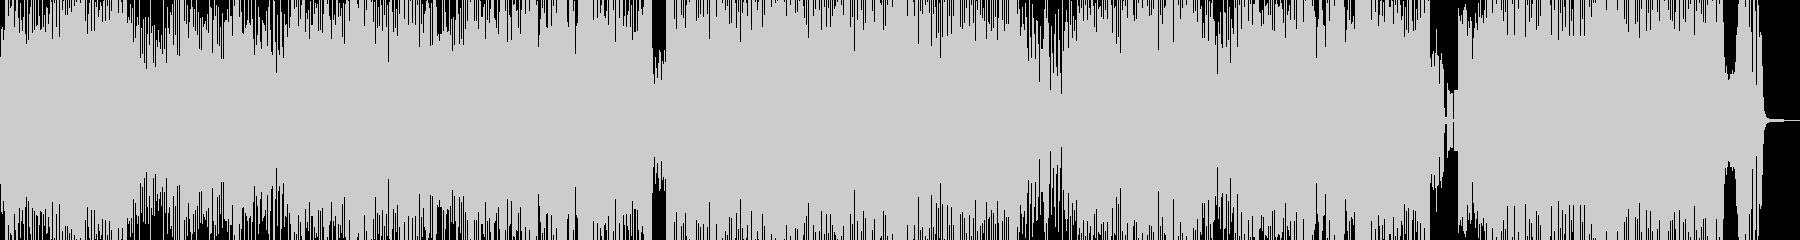 クセになるメロディのコミカルテクノ 短尺の未再生の波形